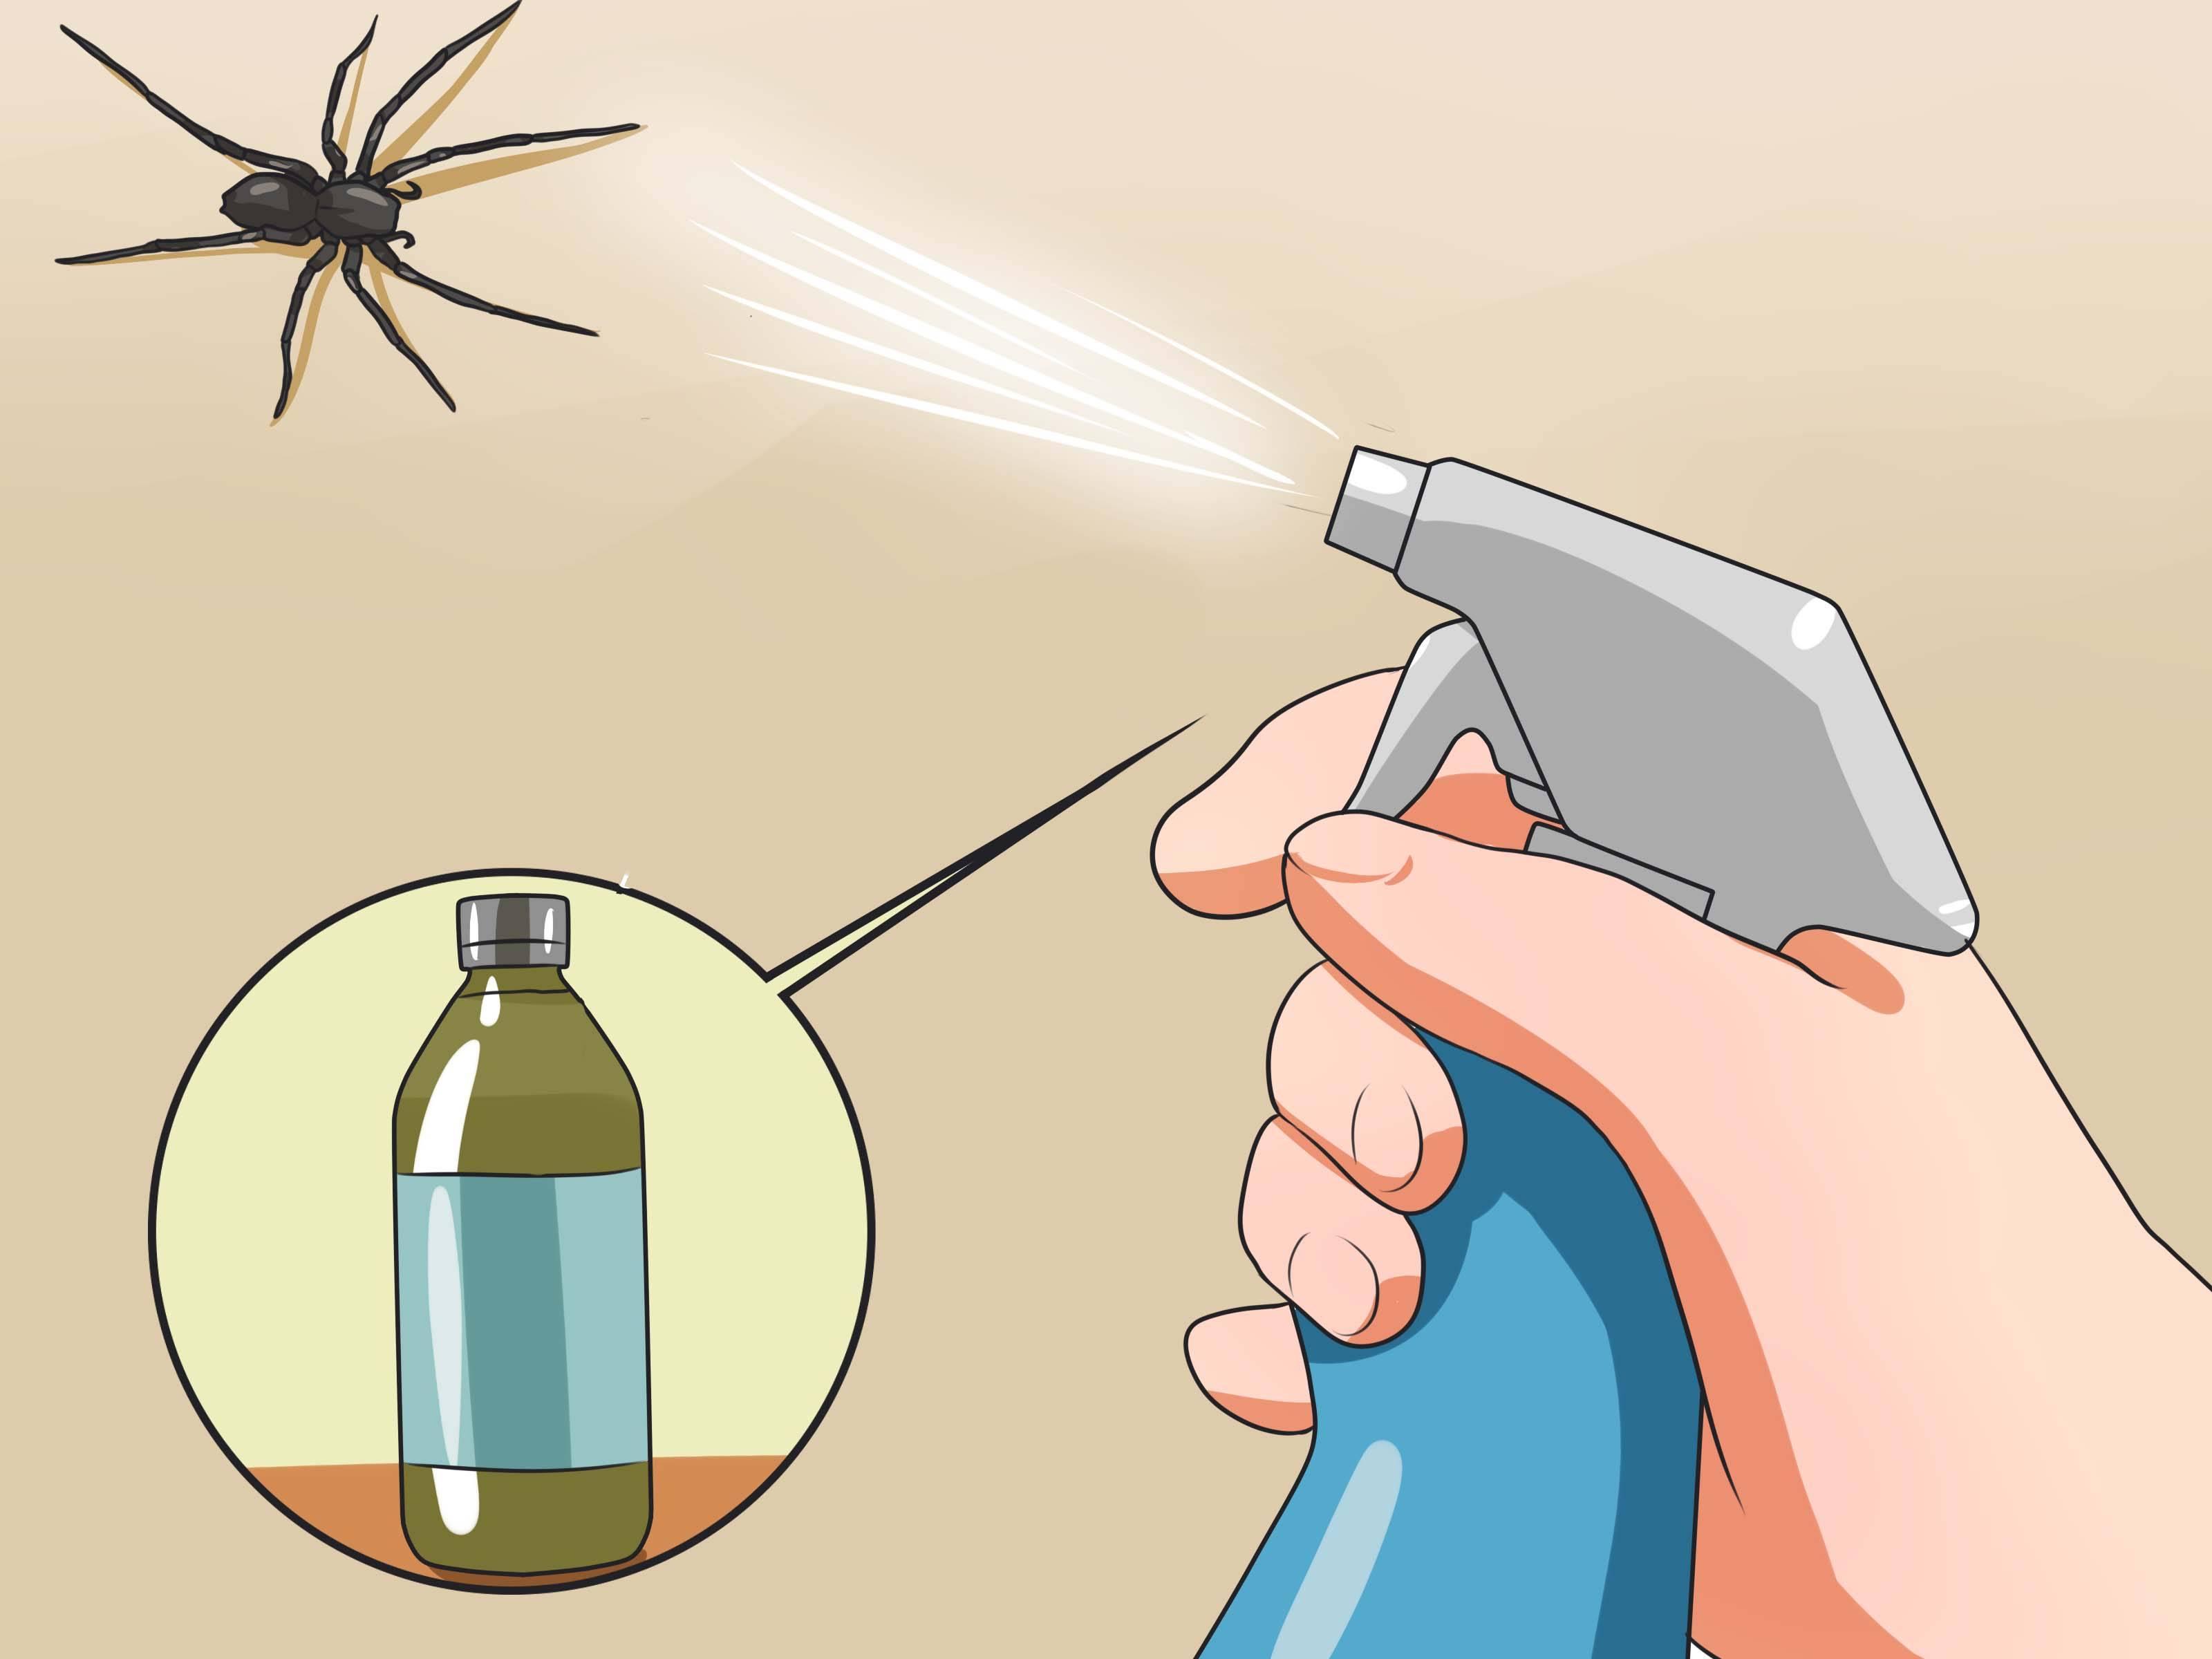 Как избавиться от пауков в частном доме и квартире навсегда: лучшие средства и отравы